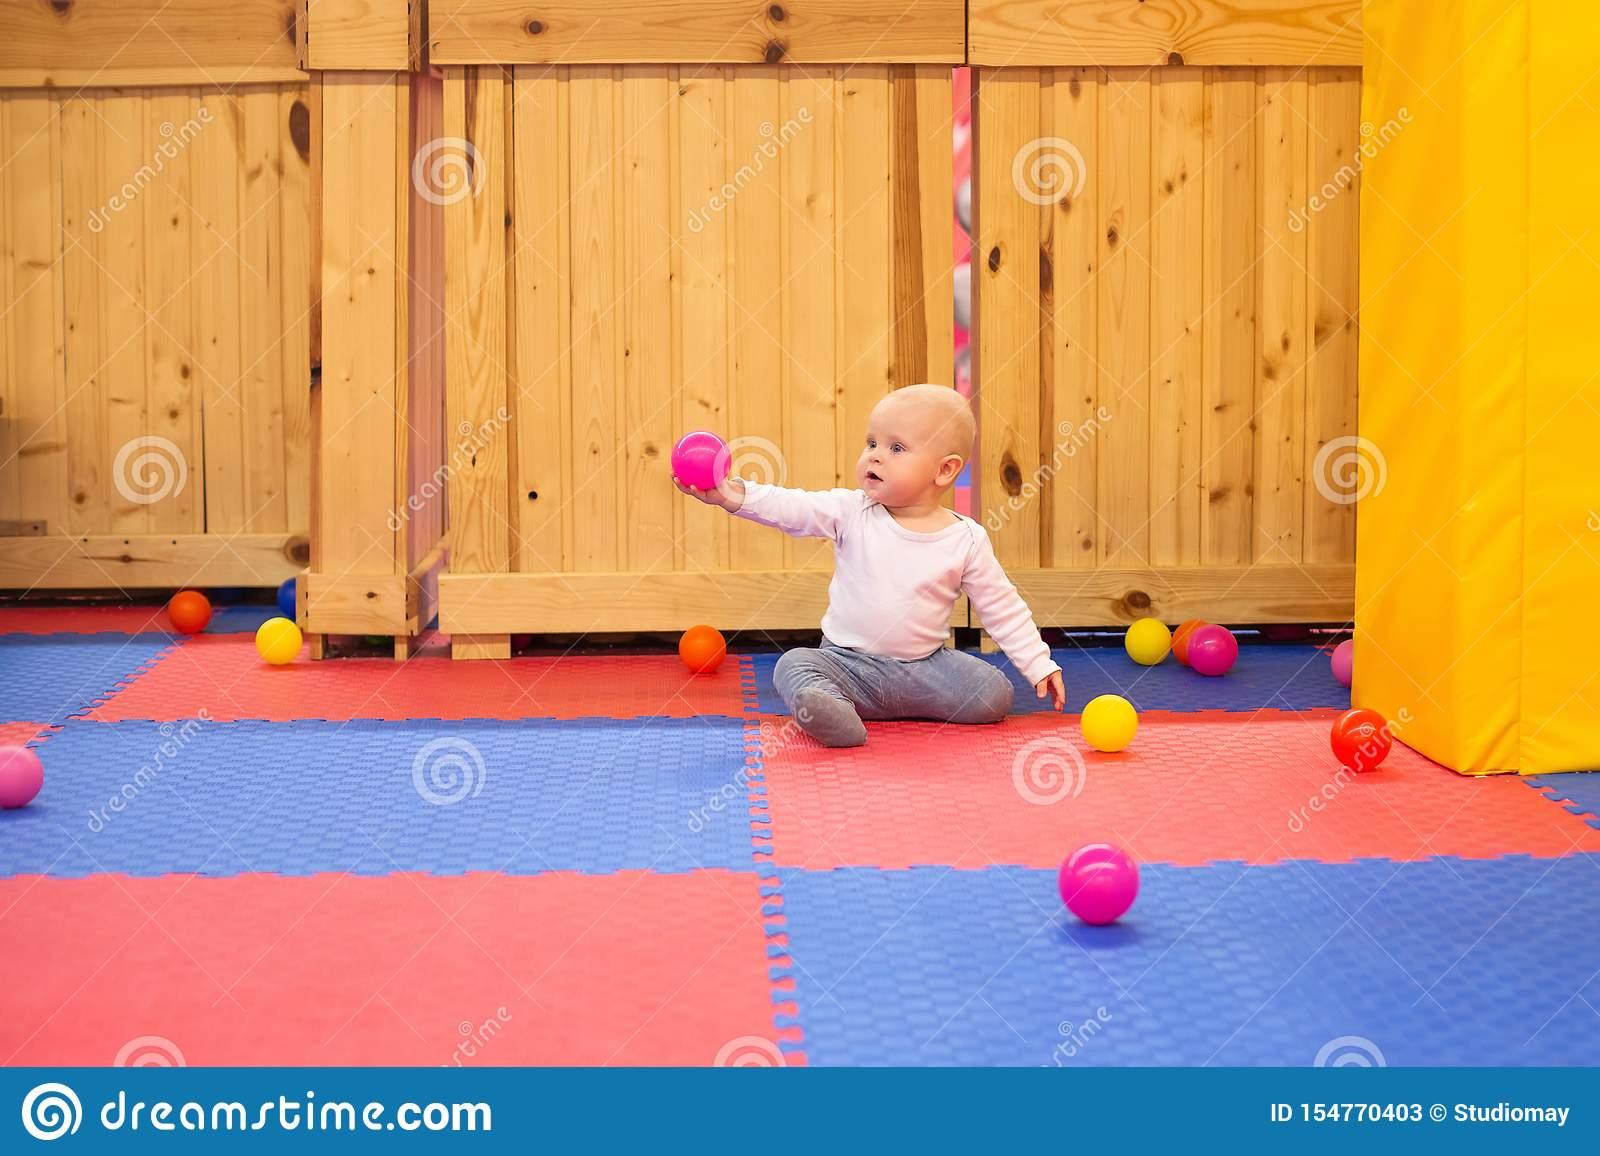 Peu Jeux De Bébé Garçon Avec Les Boules Colorées Dans Le à Jeux De Bébé Garçon